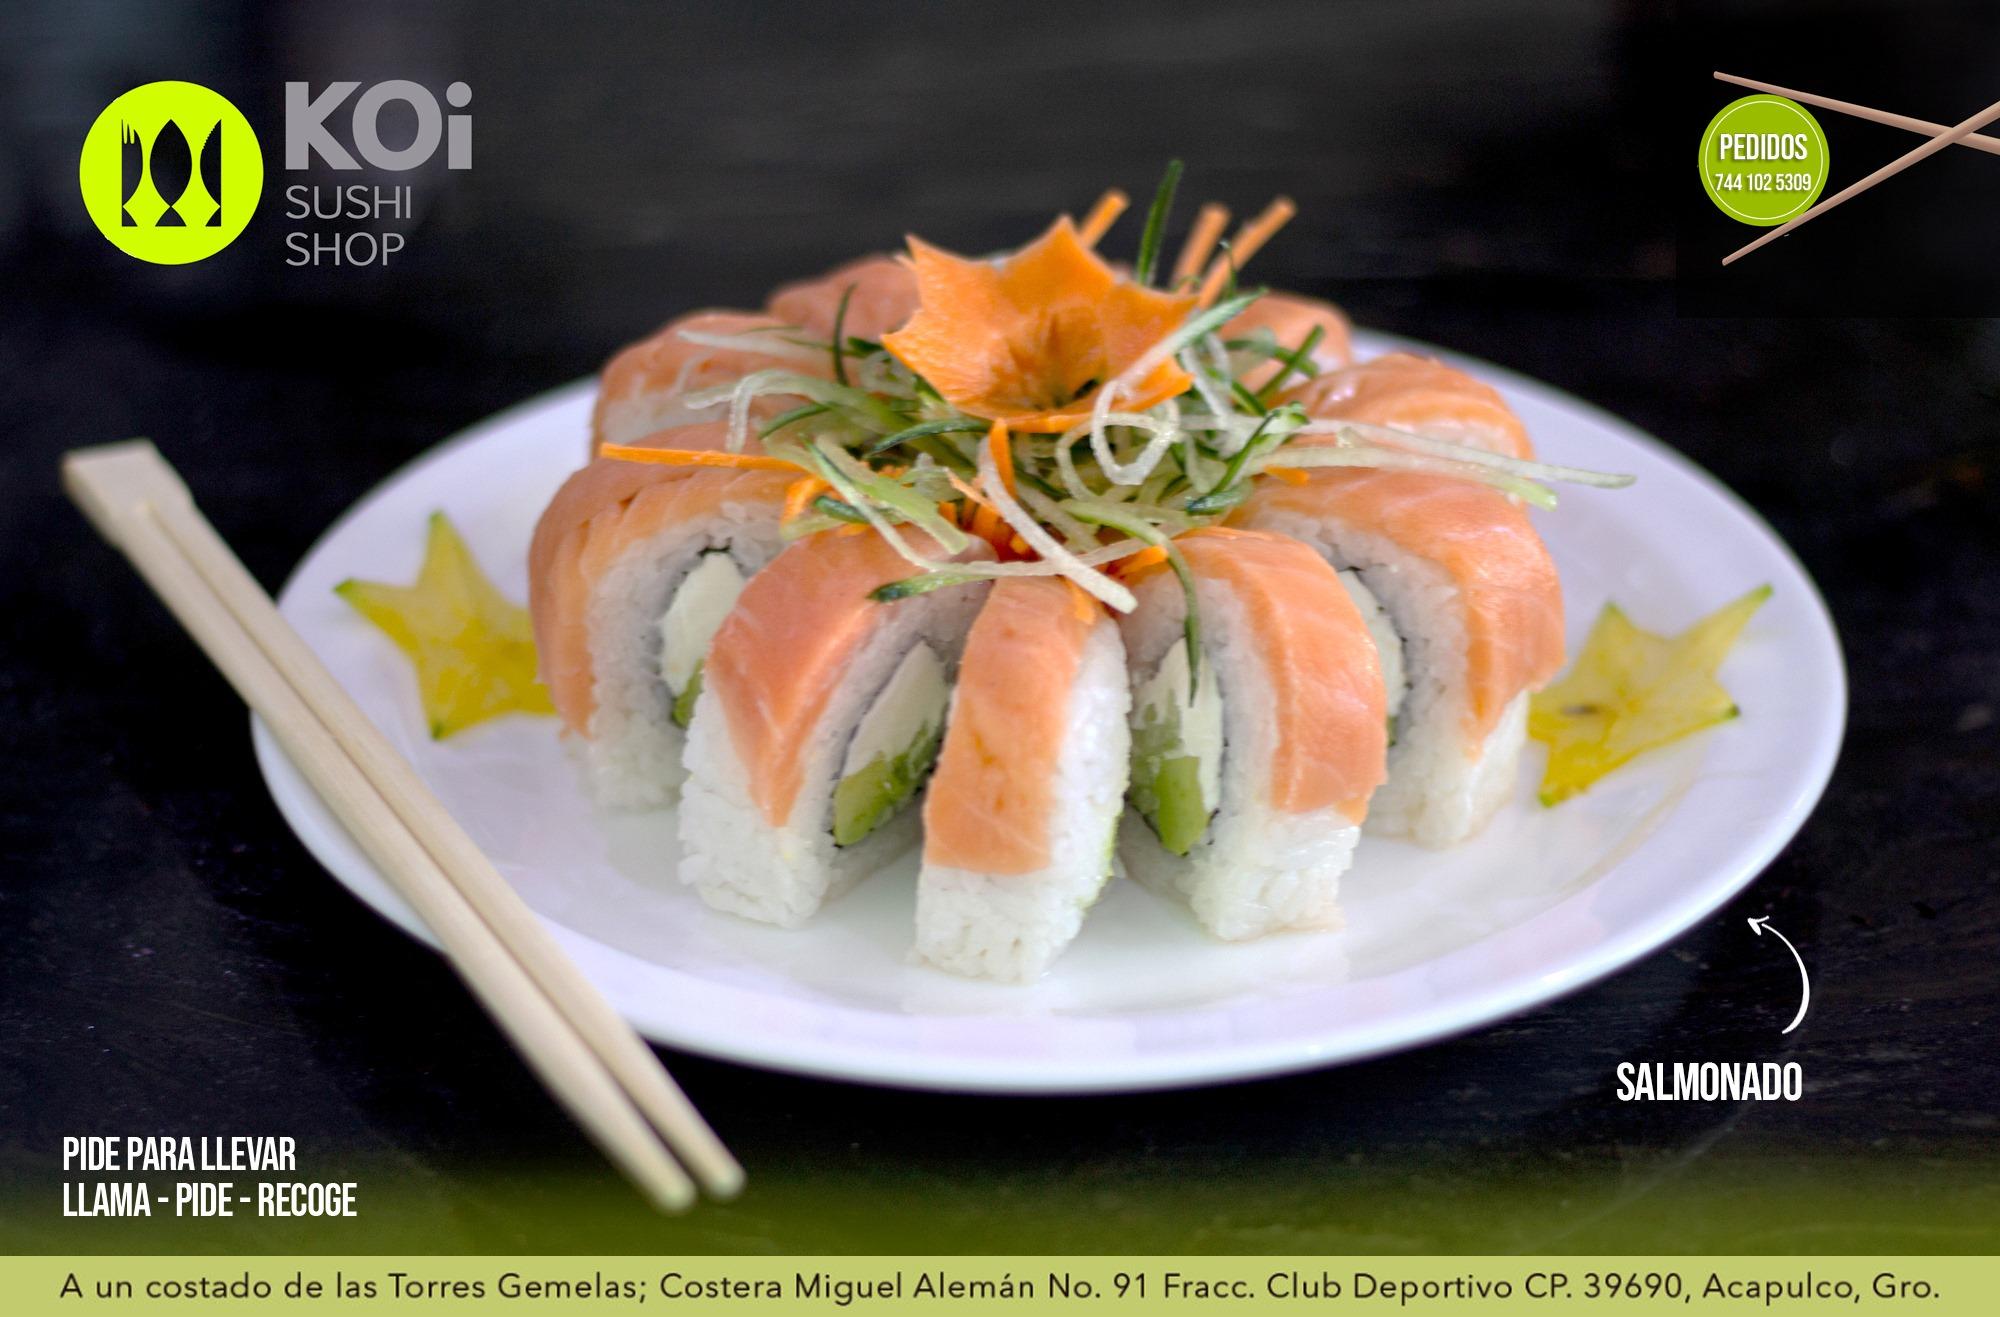 KOi Sushi Shop